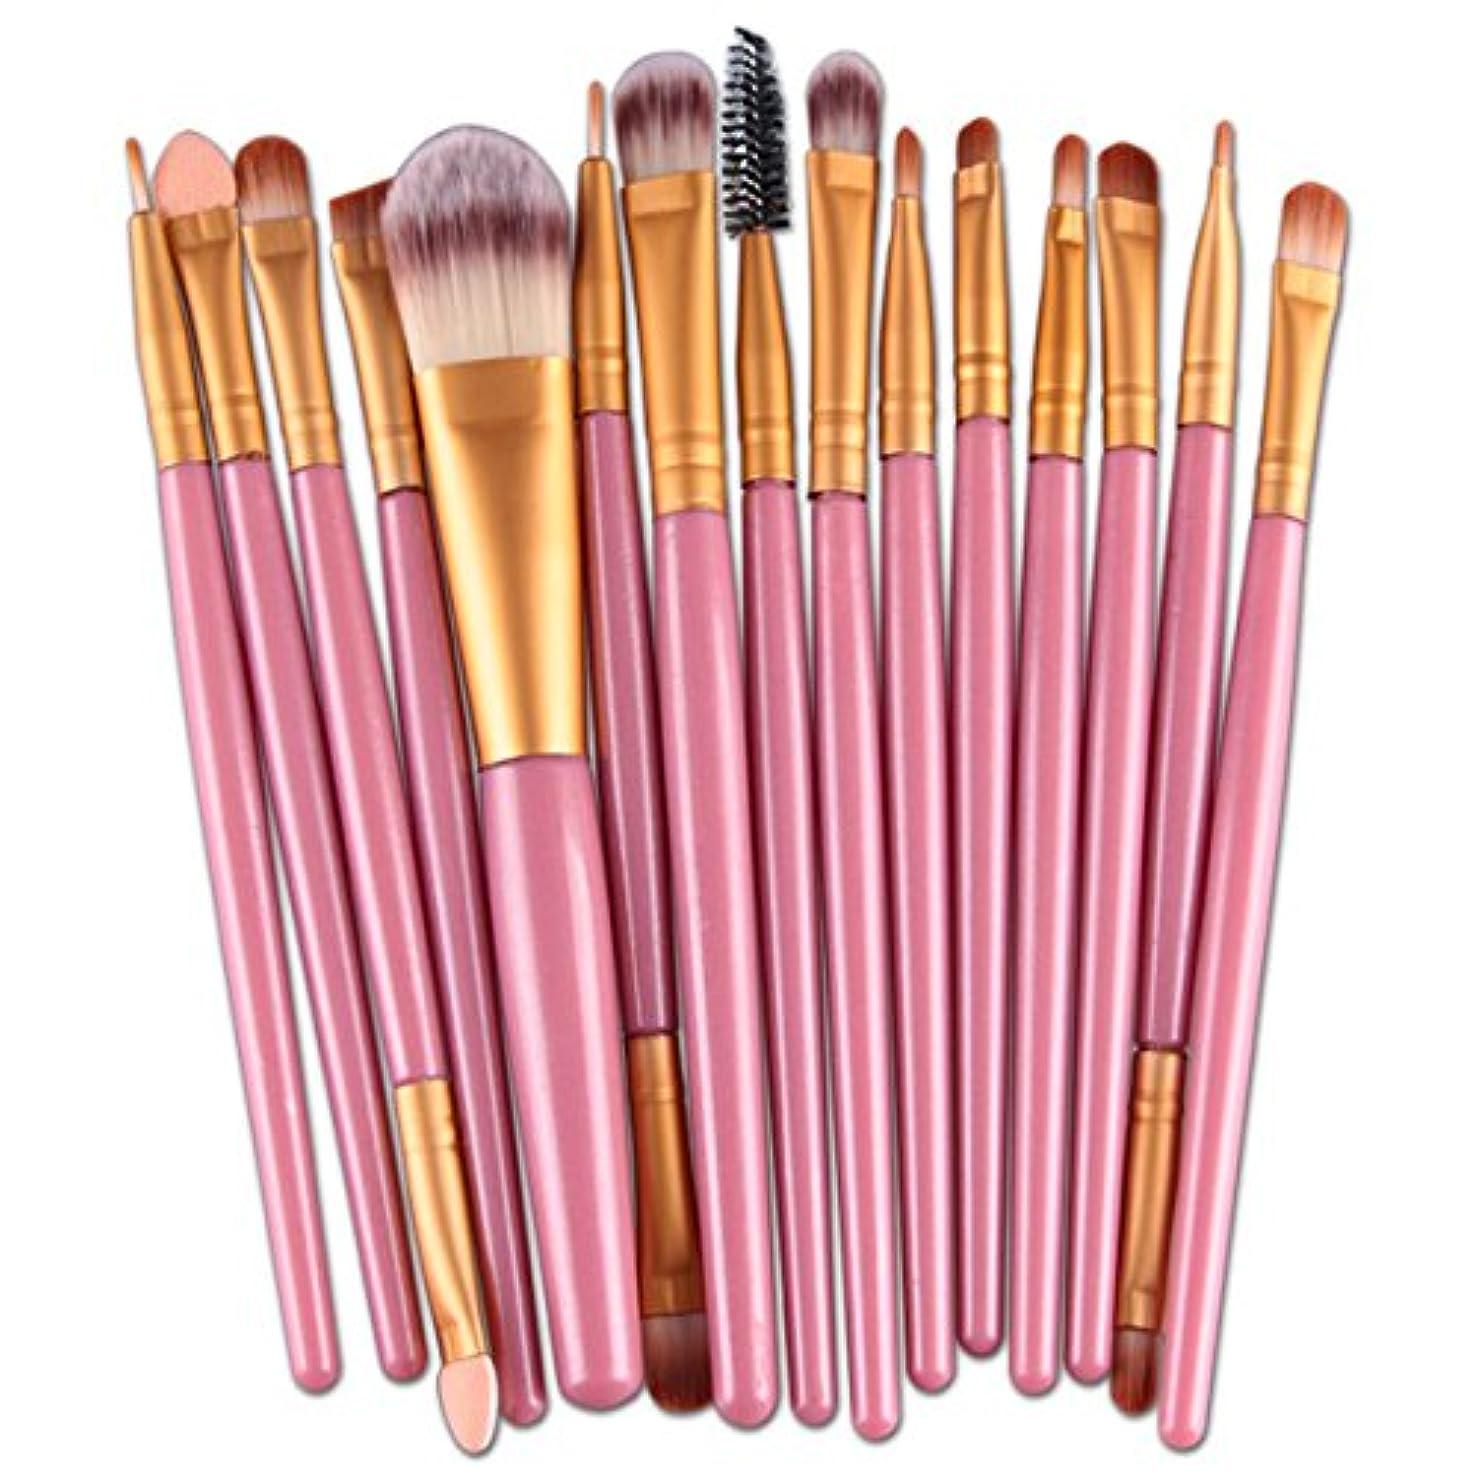 15ピース化粧ブラシキット OD企画 カラフルなフェイスコンシーラーアイシャドー女性のためのツール女の子の日常生活やパーティー パウダーアイライナー赤面スリップファンデーションメイクアップ美容ブラシセット